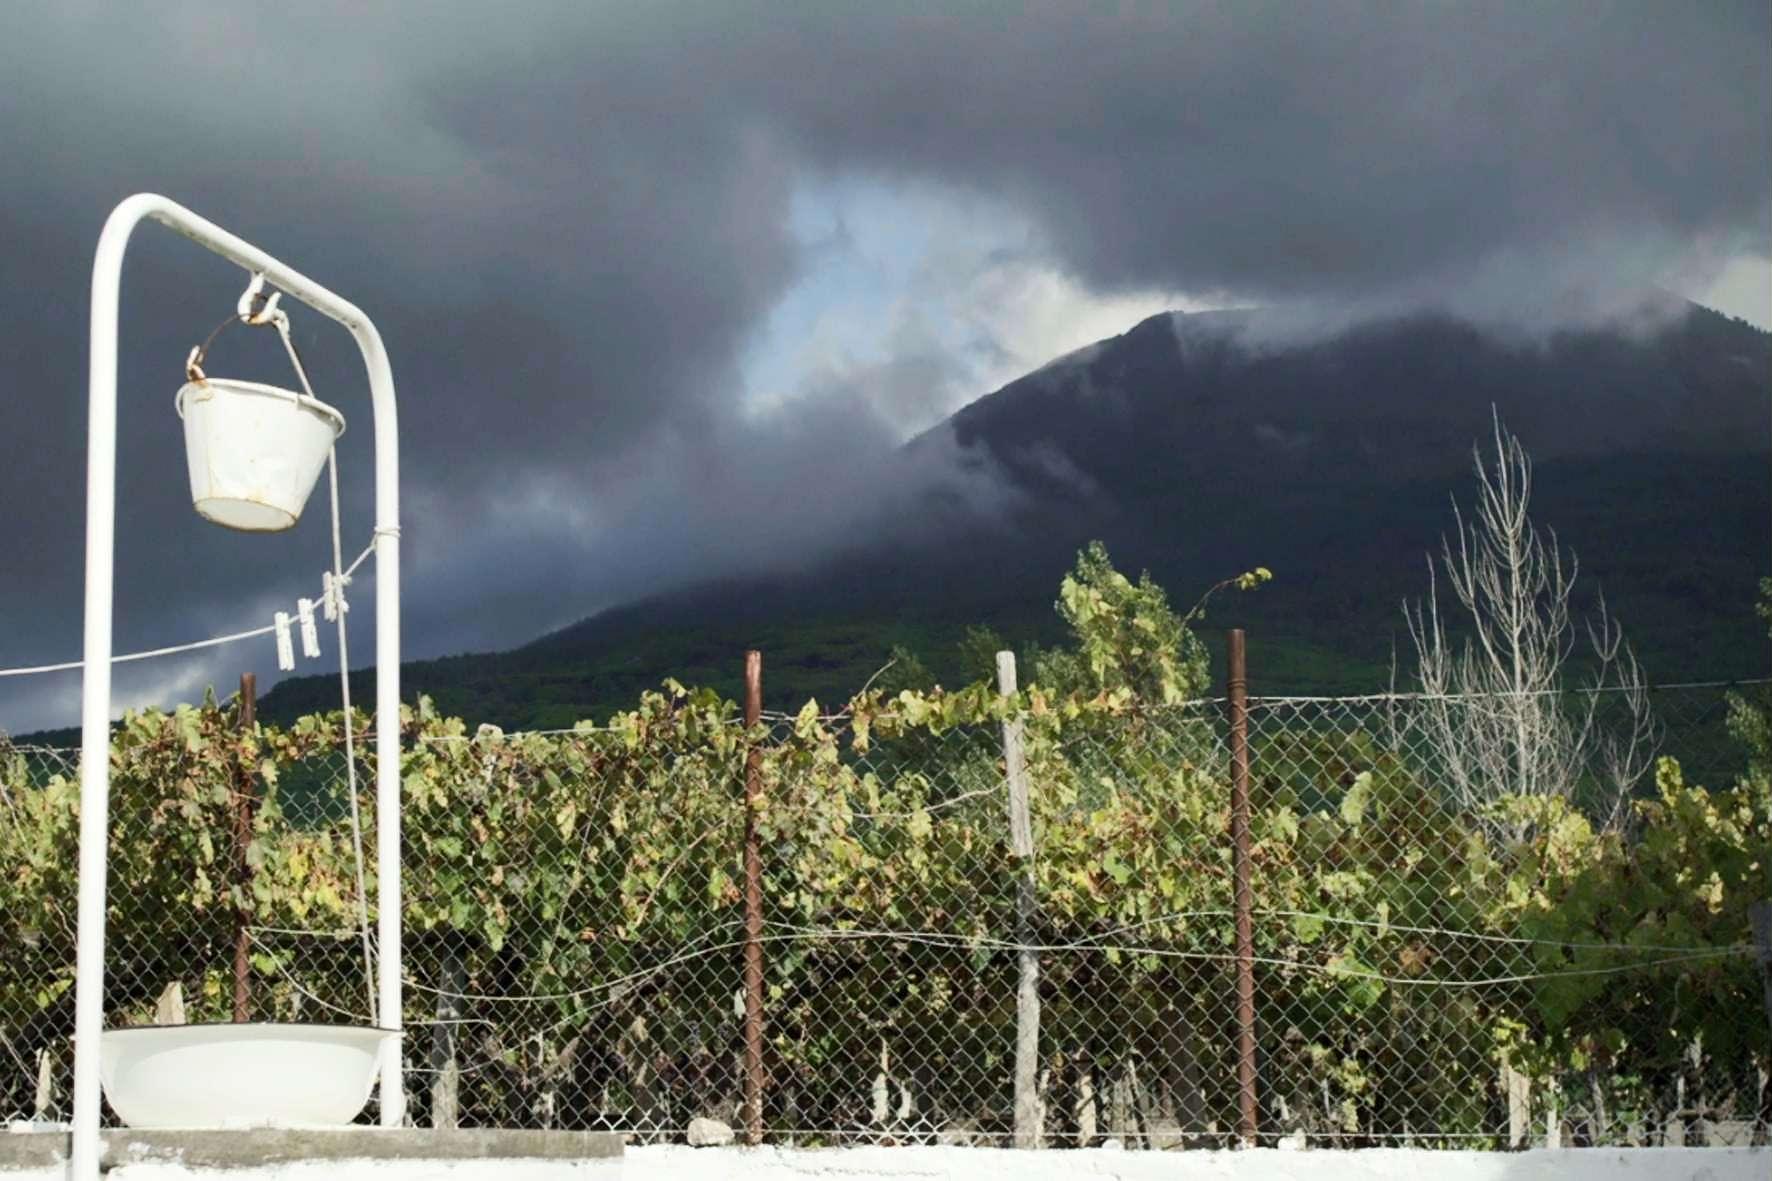 Sul vulcano: nuvole minacciose sul Vesuvio in una scena del film